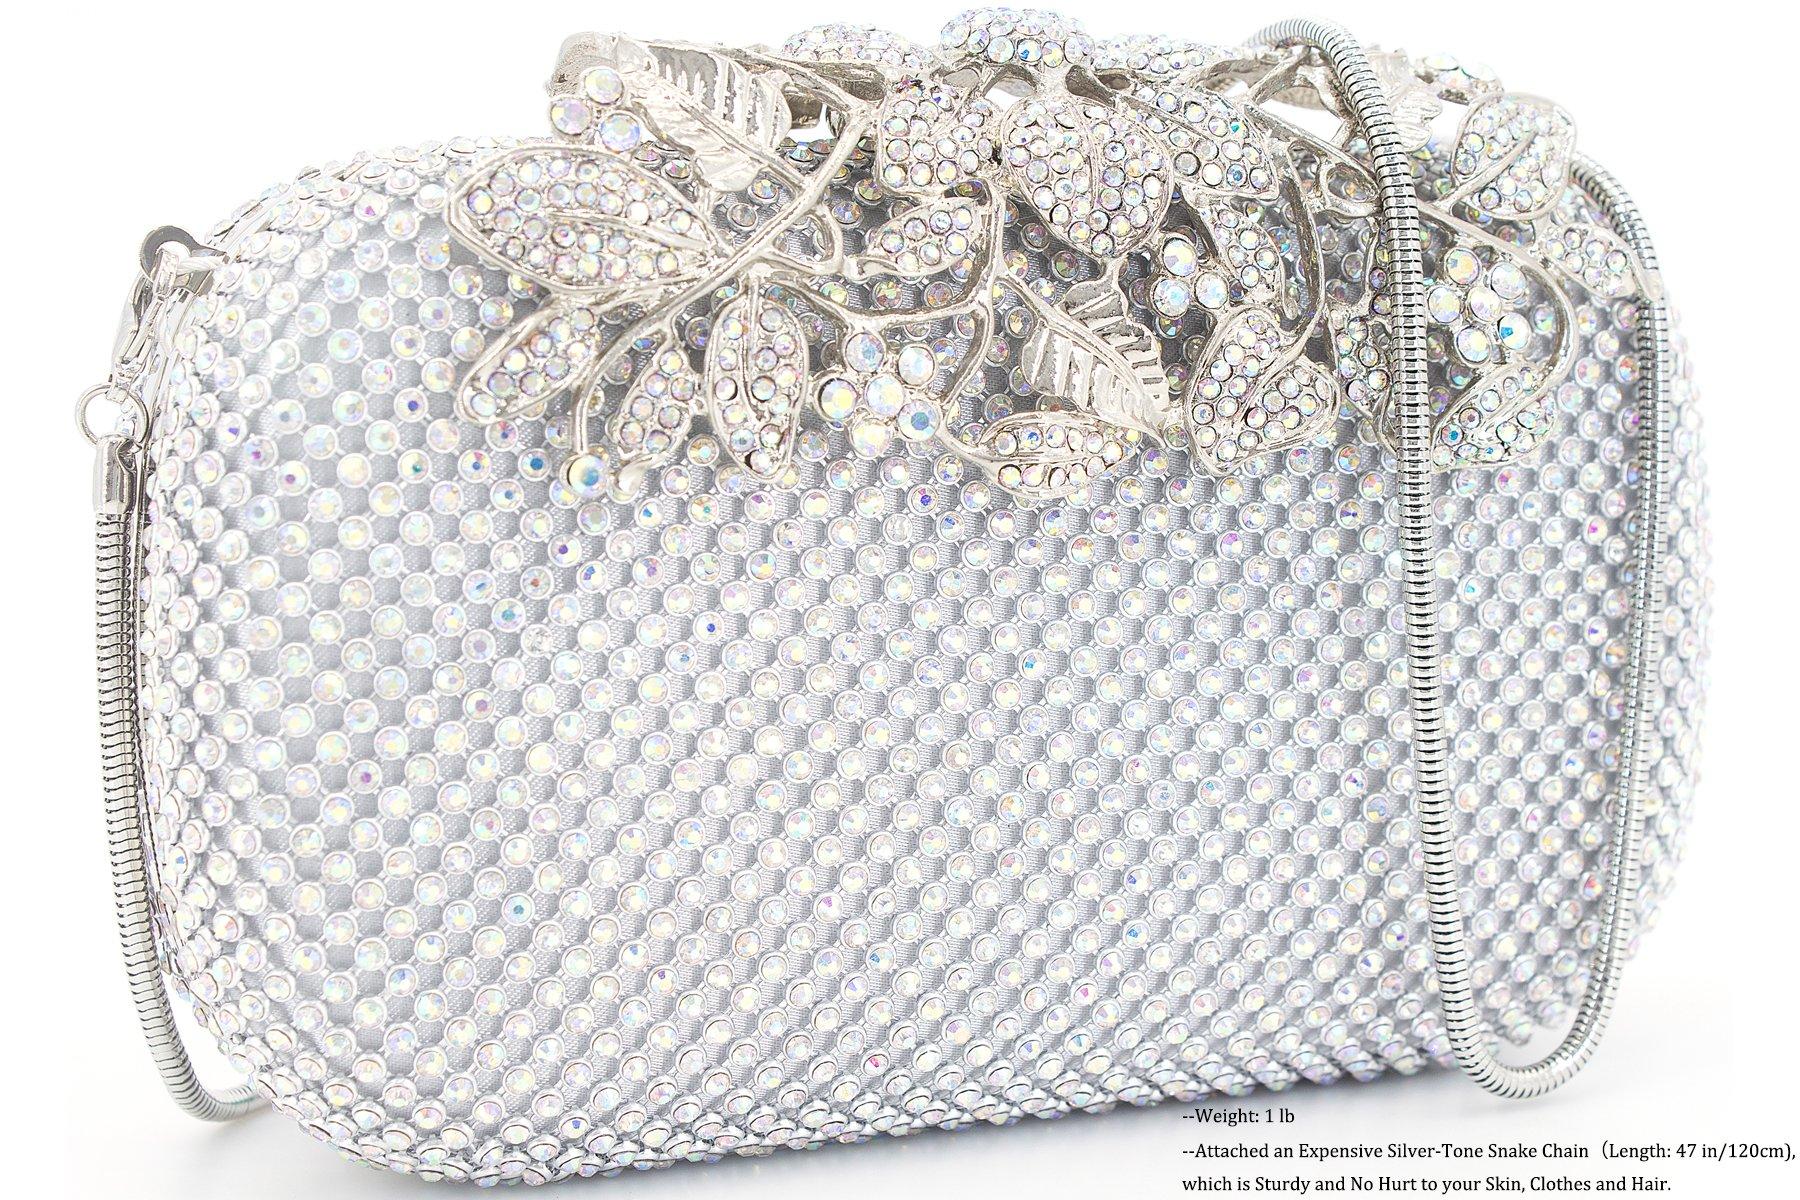 Dexmay Luxury Flower Women Clutch Purse for Wedding Party Rhinestone Crystal Evening Bag AB Silver by DEXMAY DM